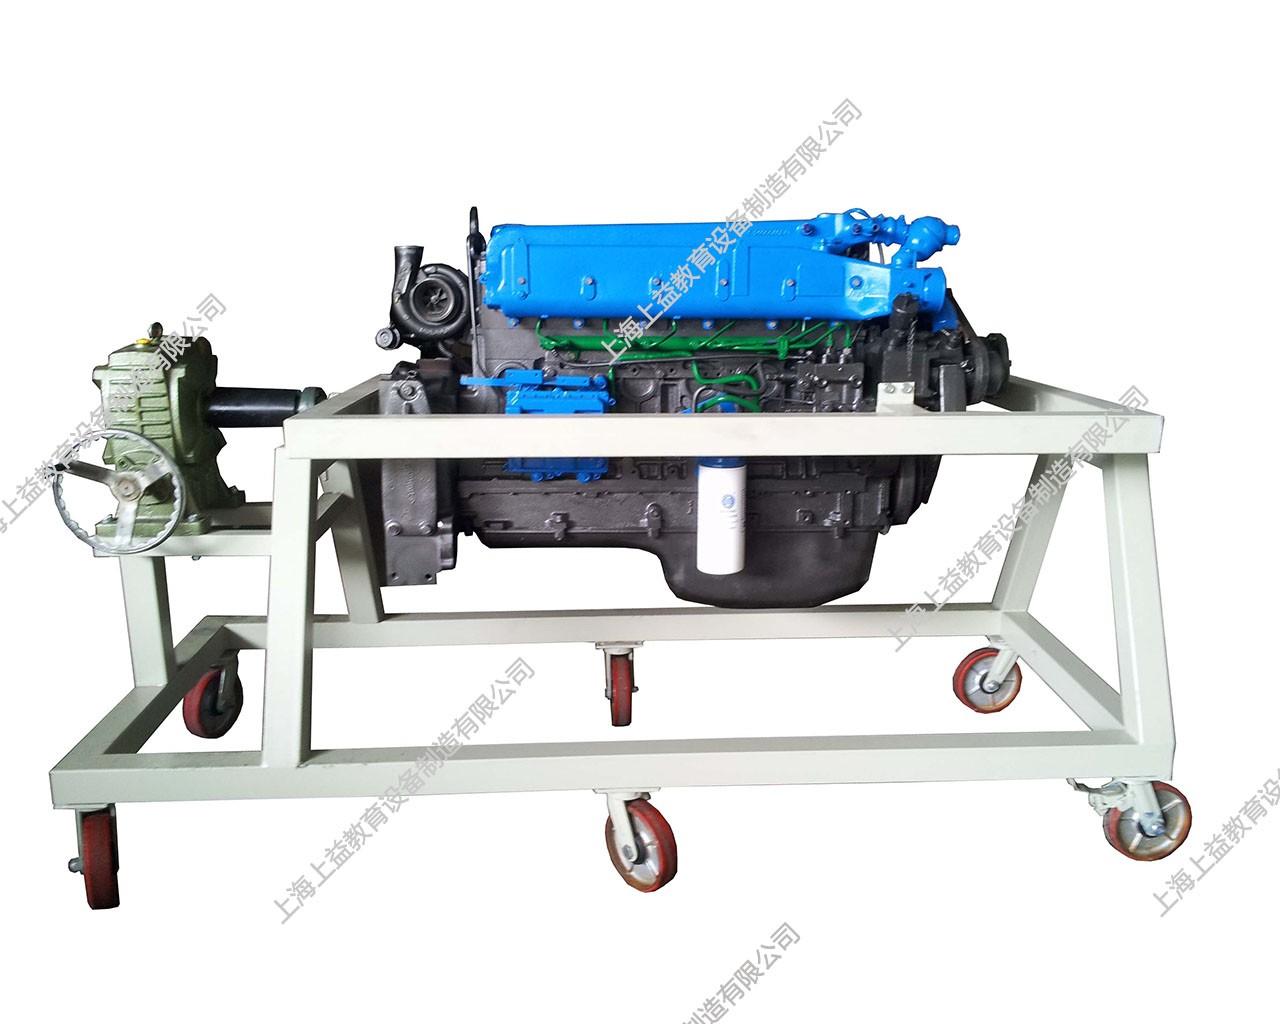 拆装用柴油发动机附翻转架(维柴WD615)